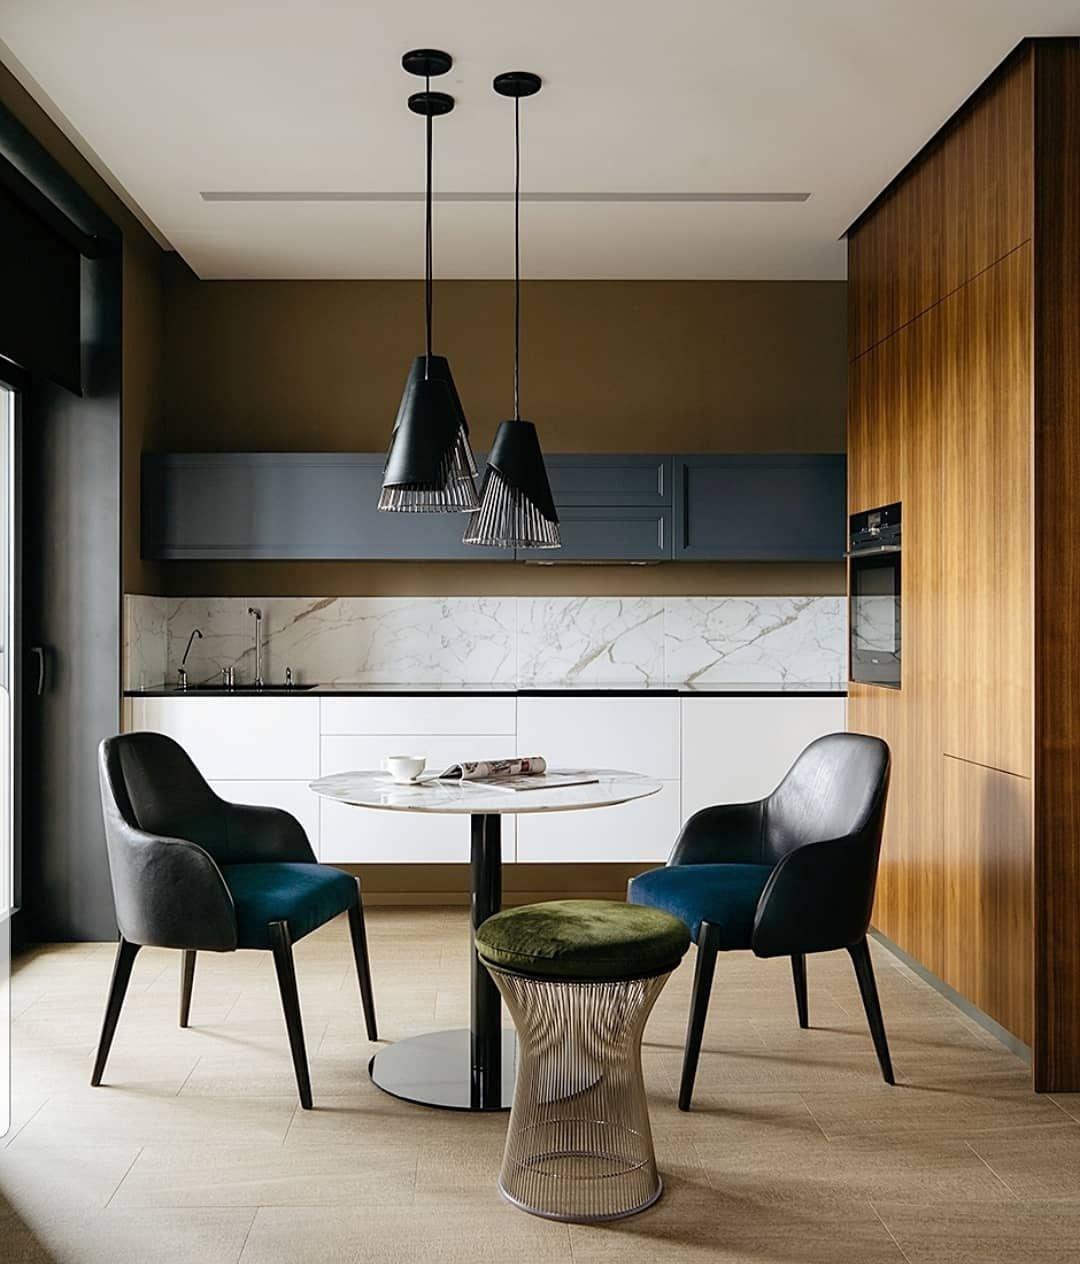 Vision of  modern interiors on instagram   designer max kasymov  instadesign style design interior also best int kitchen images in kitchens rh pinterest